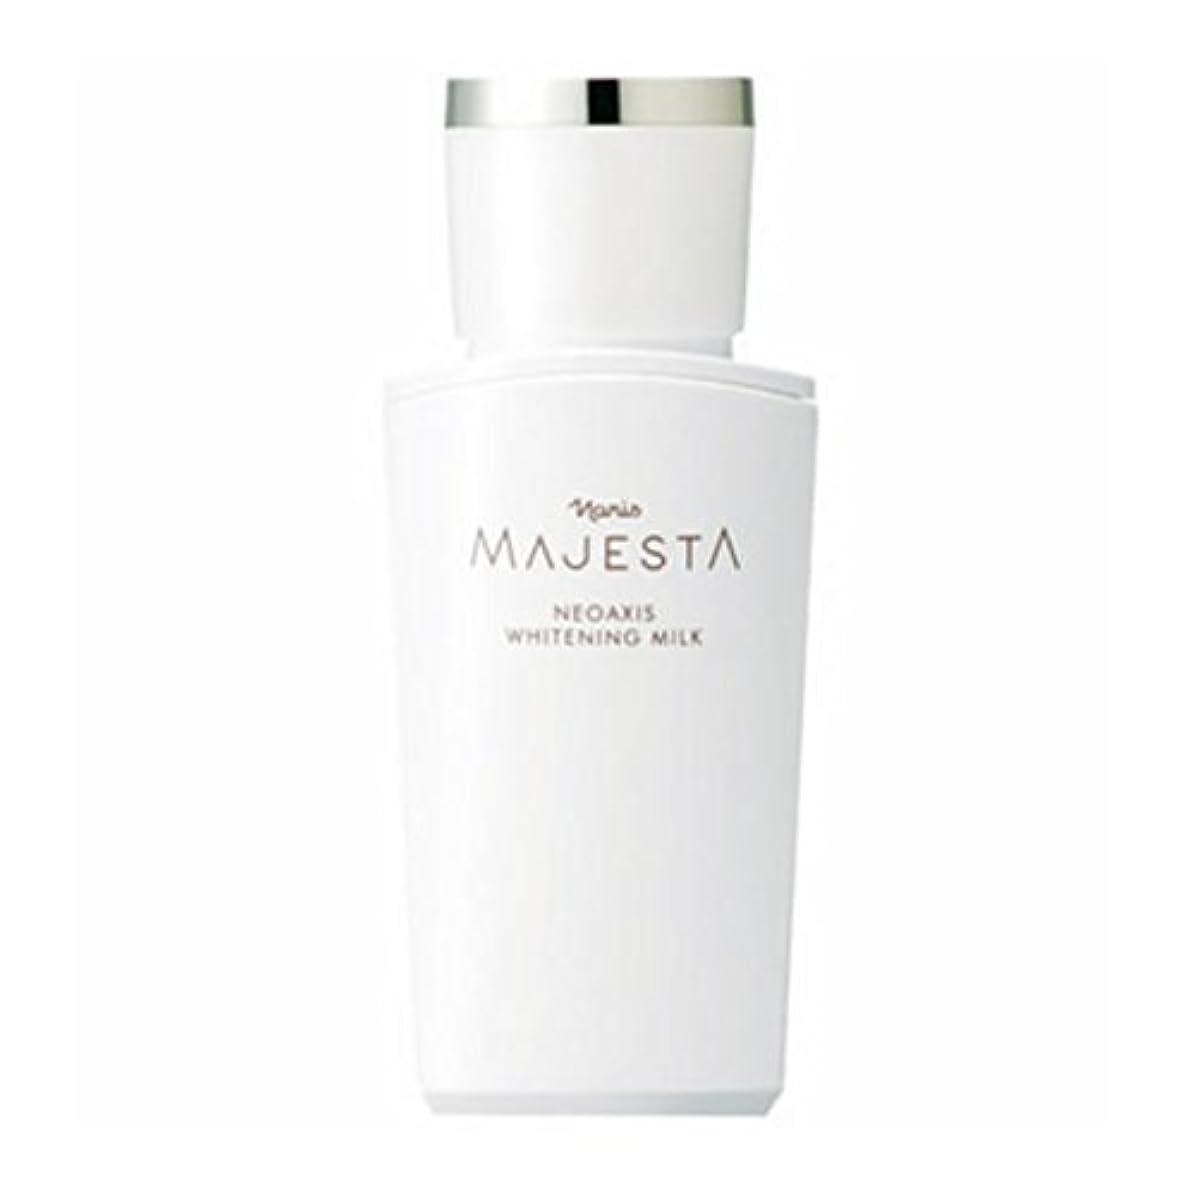 させる感情のさせるナリス化粧品 マジェスタ ネオアクシス ホワイトニング ミルク (薬用 美白乳液) 80ml